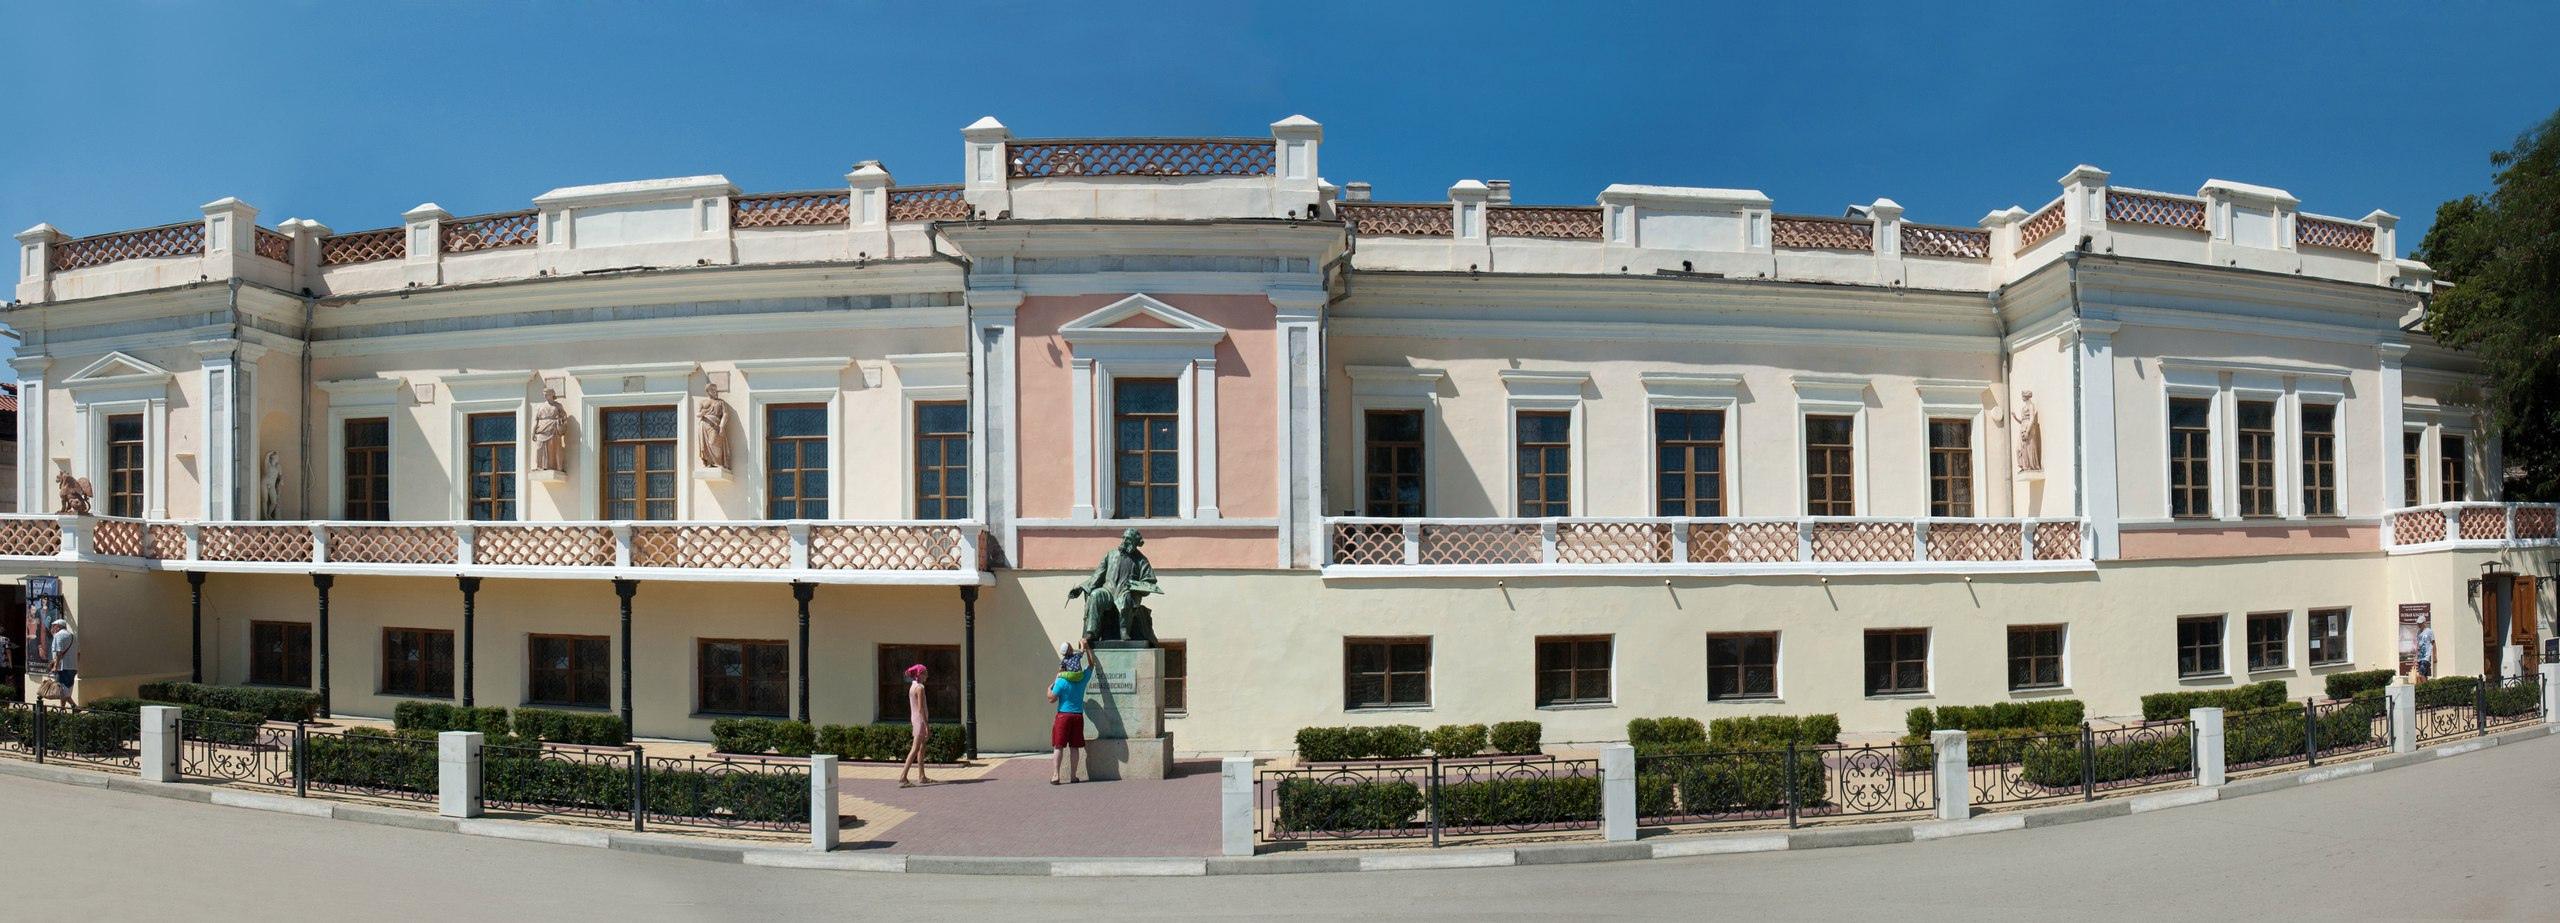 Из-за ремонта галереи в Феодосии картинам мариниста Айвазовского ищут временный дом